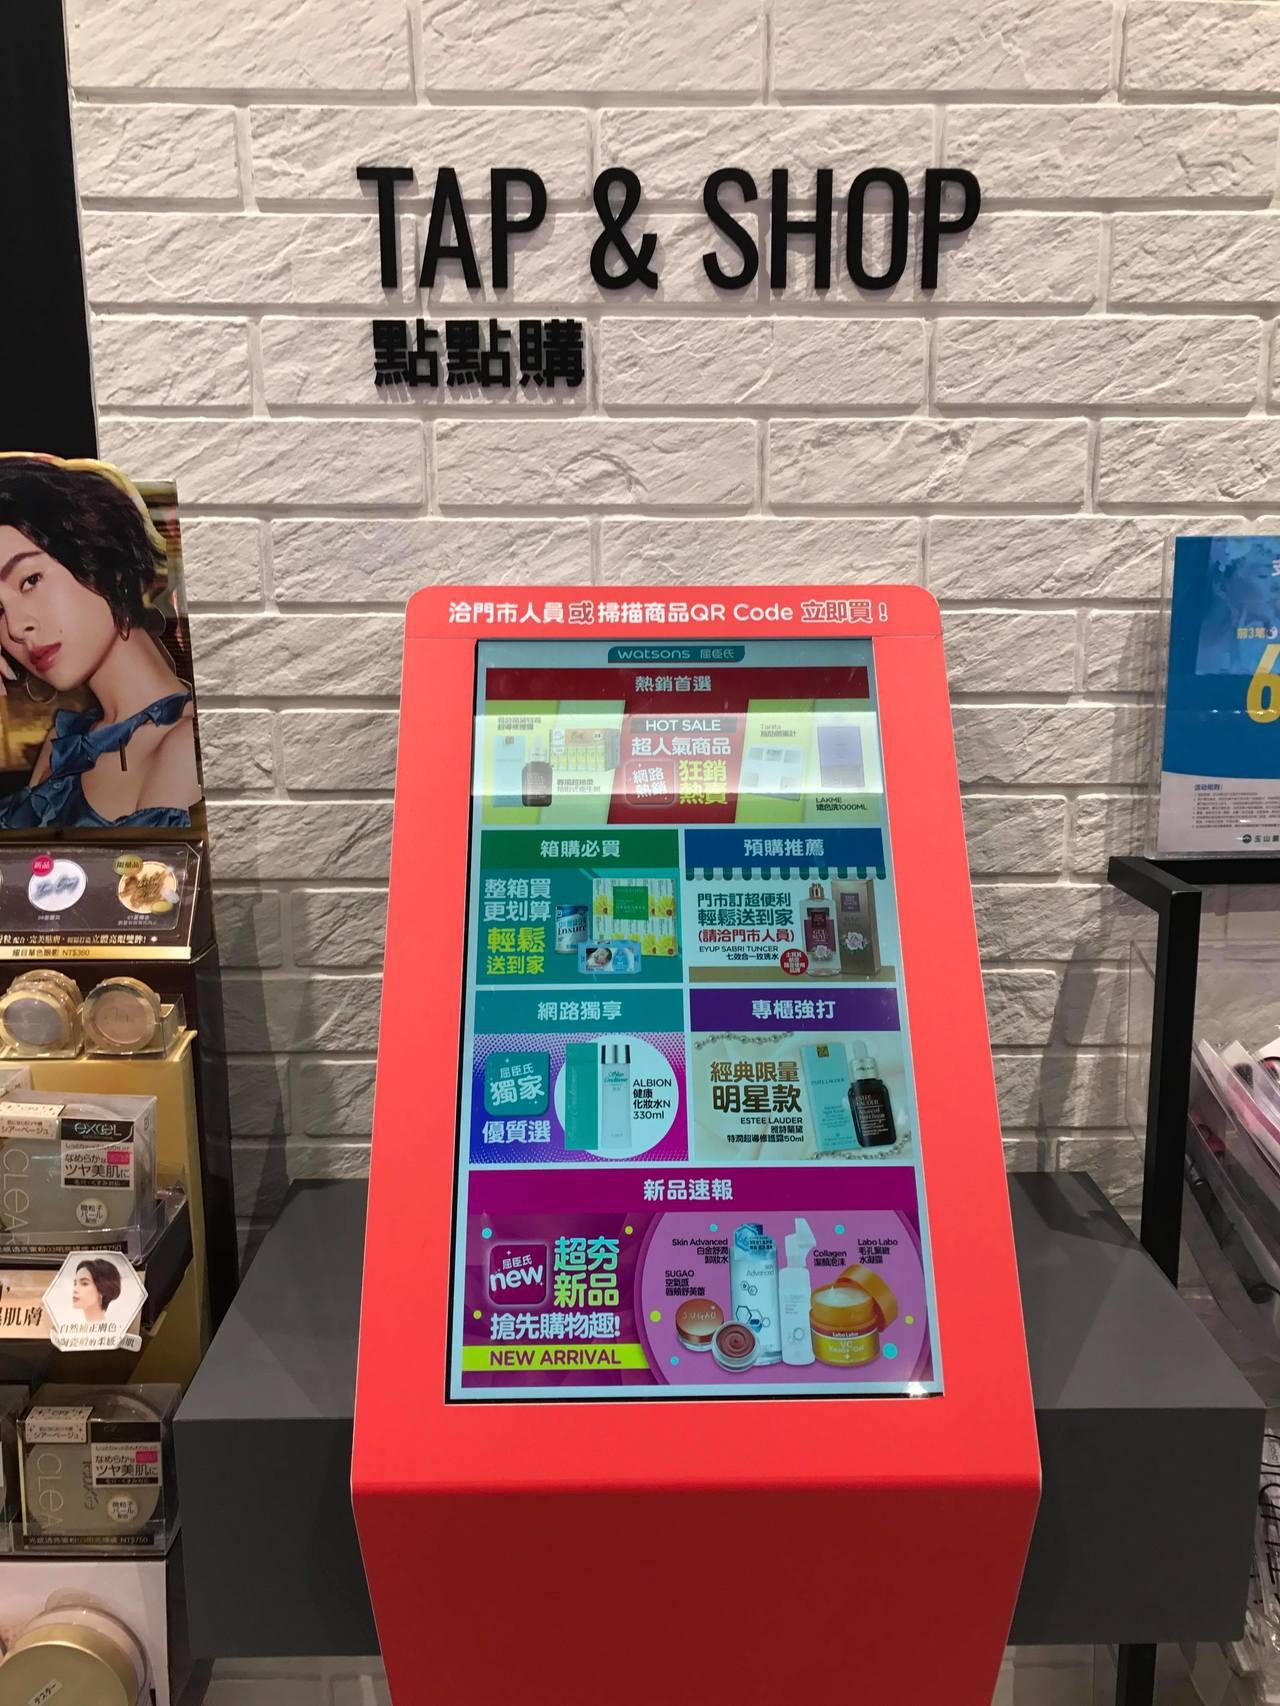 屈臣氏Tech-Fun玩美概念店打造「TAP &SHOP點點購」,可在店內螢幕上...